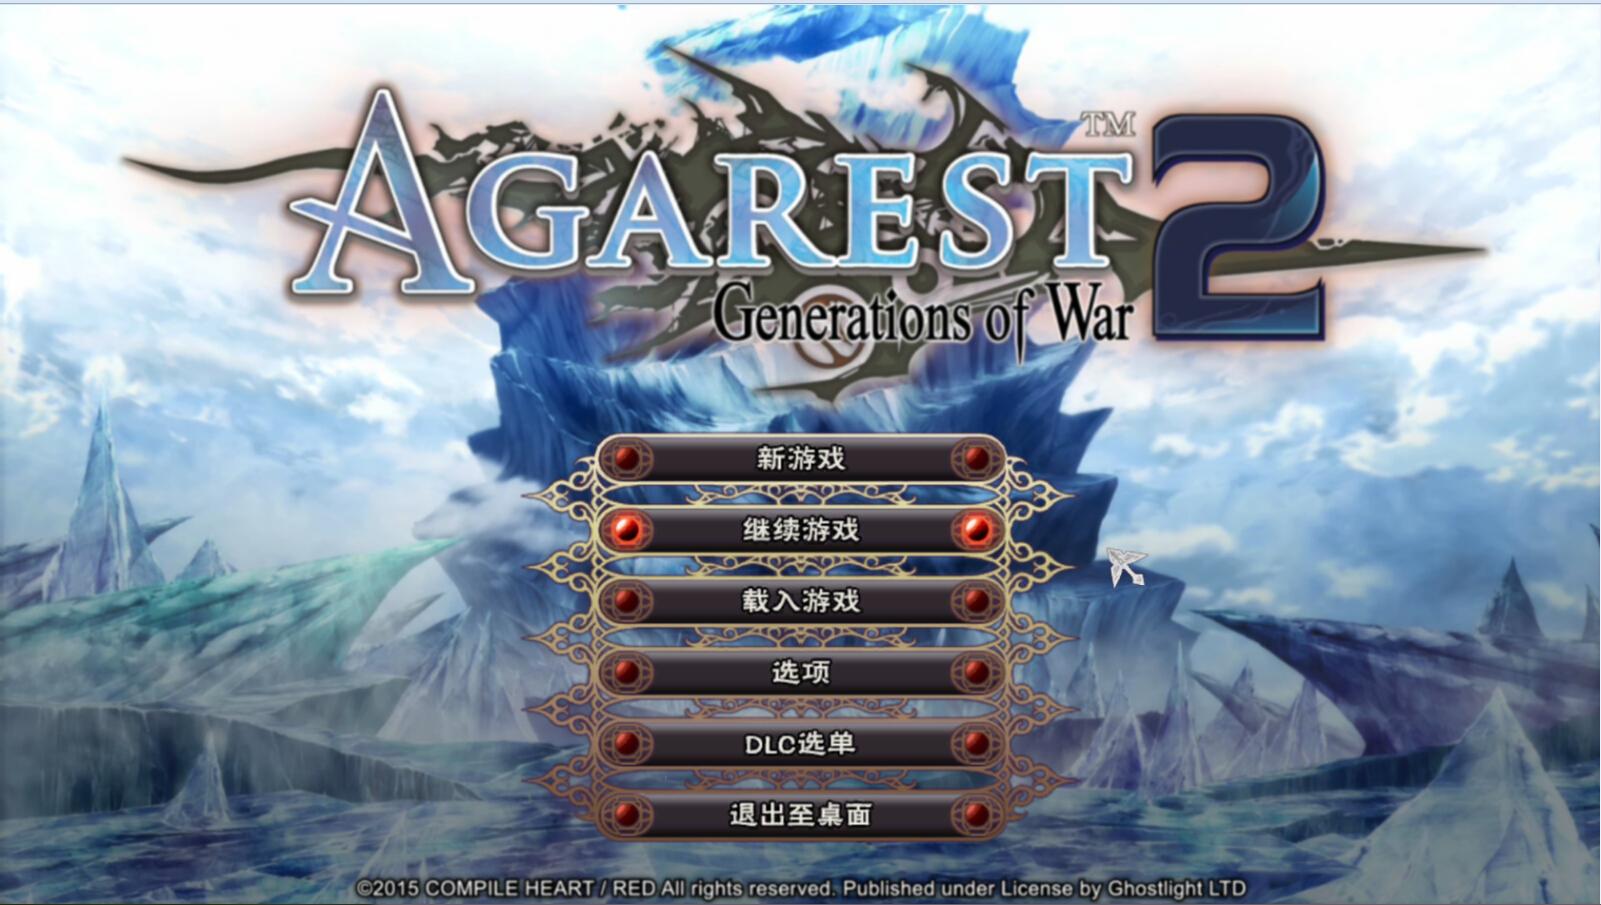 阿加雷斯特战记2 Agarest: Generations of War 2